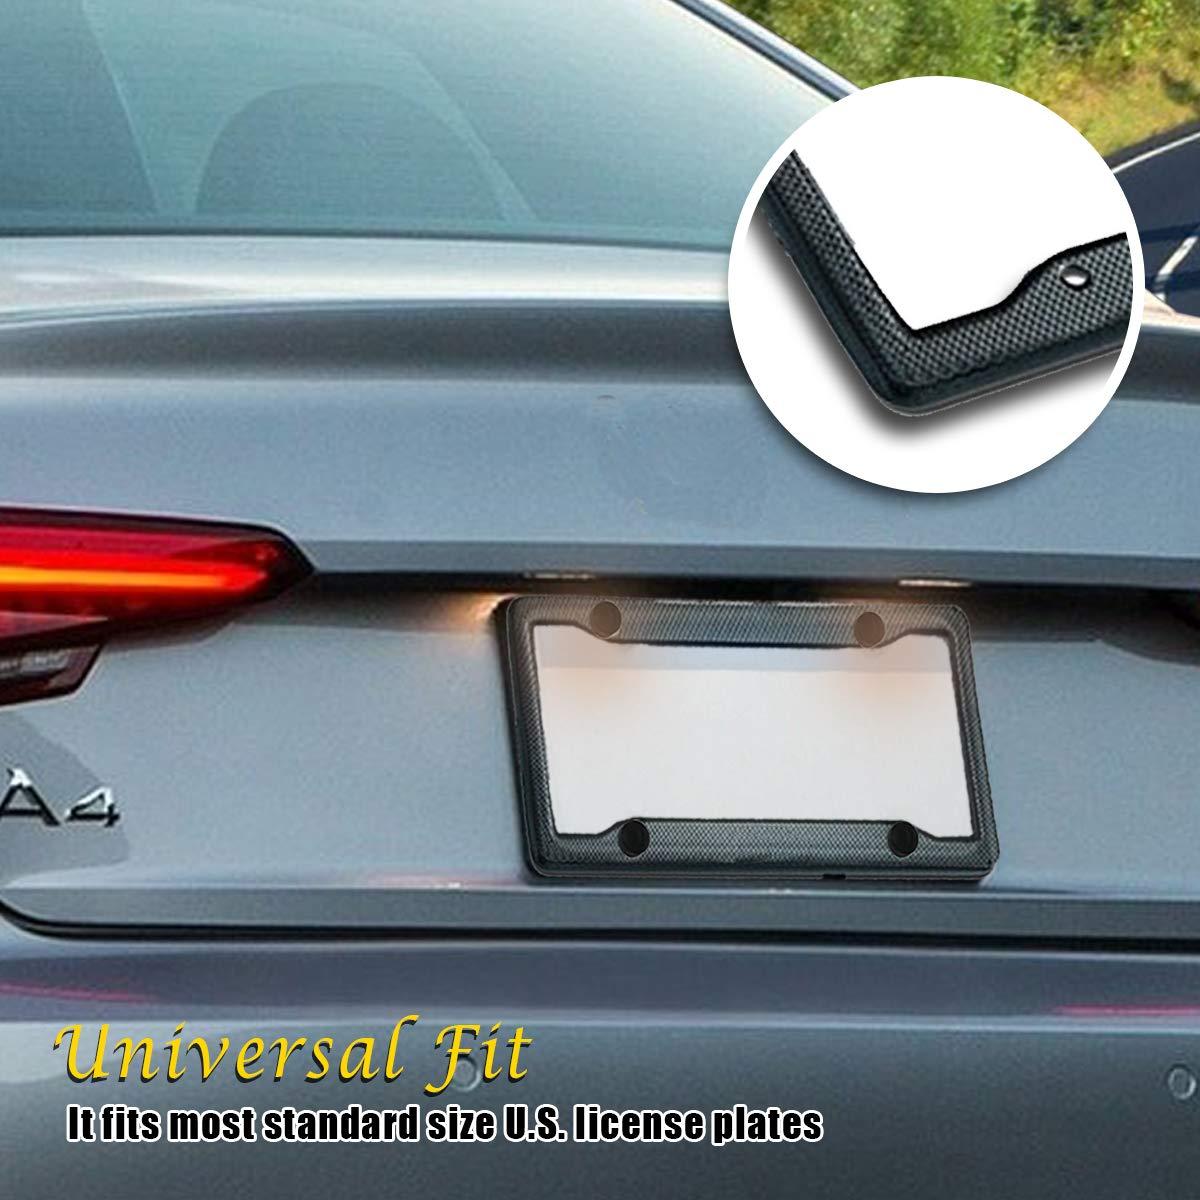 VaygWay Carbon Fiber Plastic License Plate Frame 2-Pack Black Standard Fit License Plate Frame